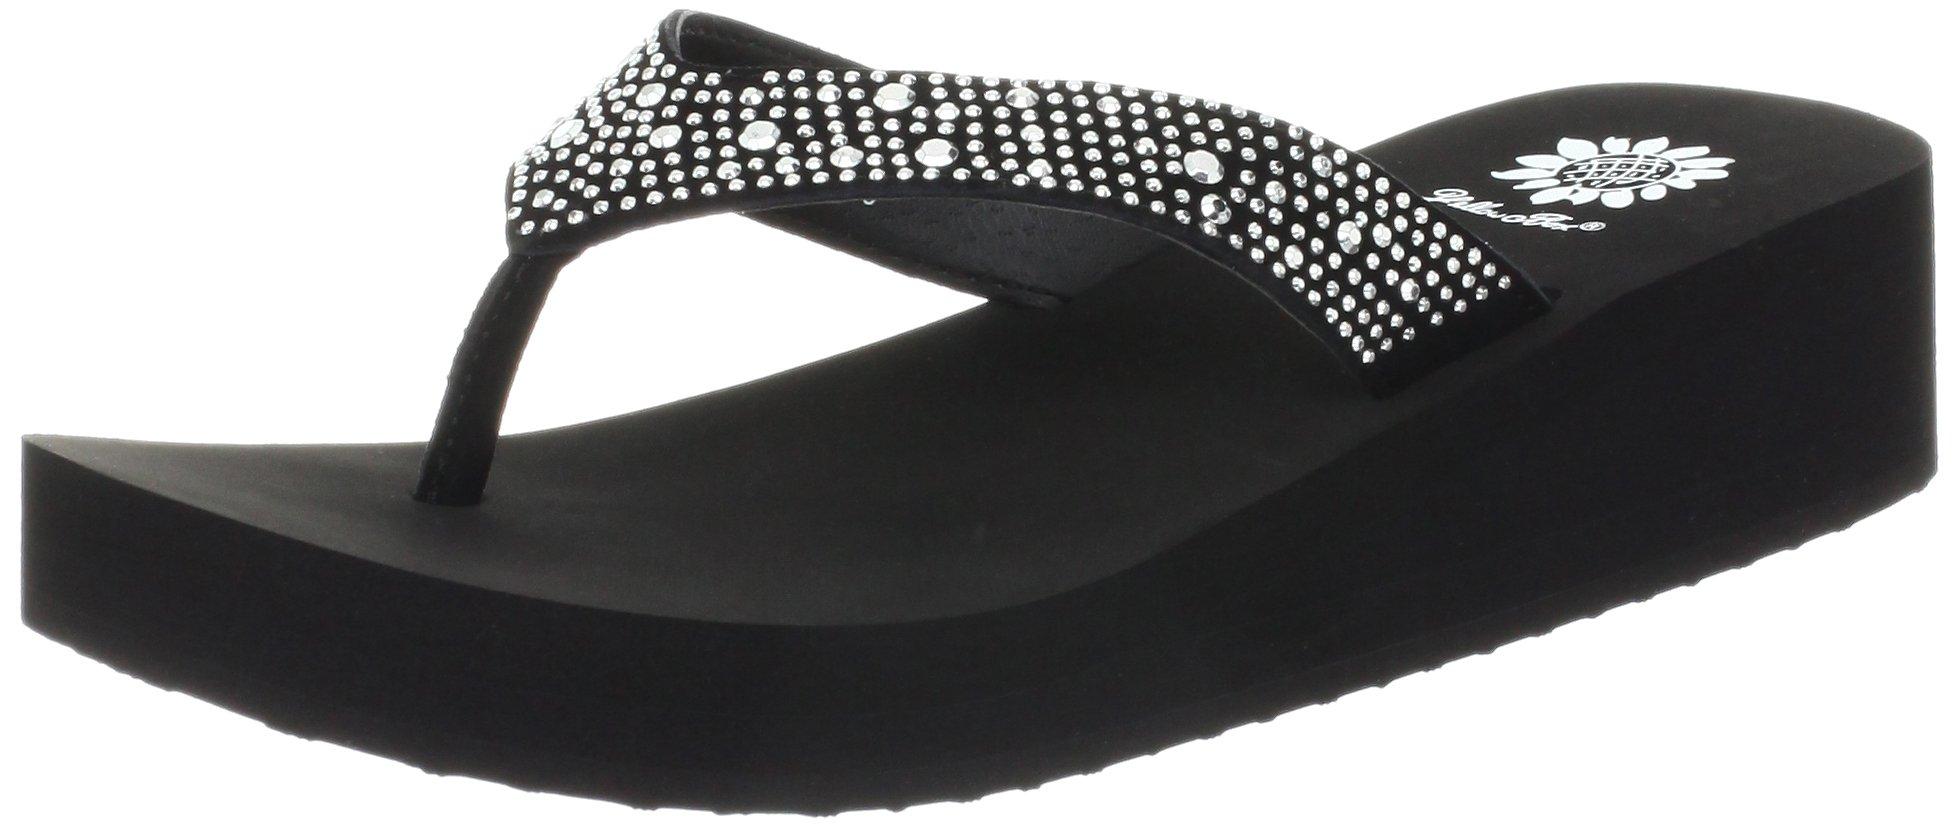 8683dad45c64d Details about Yellow Box Women's Africa Wedge Flip Flop, Black, - Choose  SZ/color